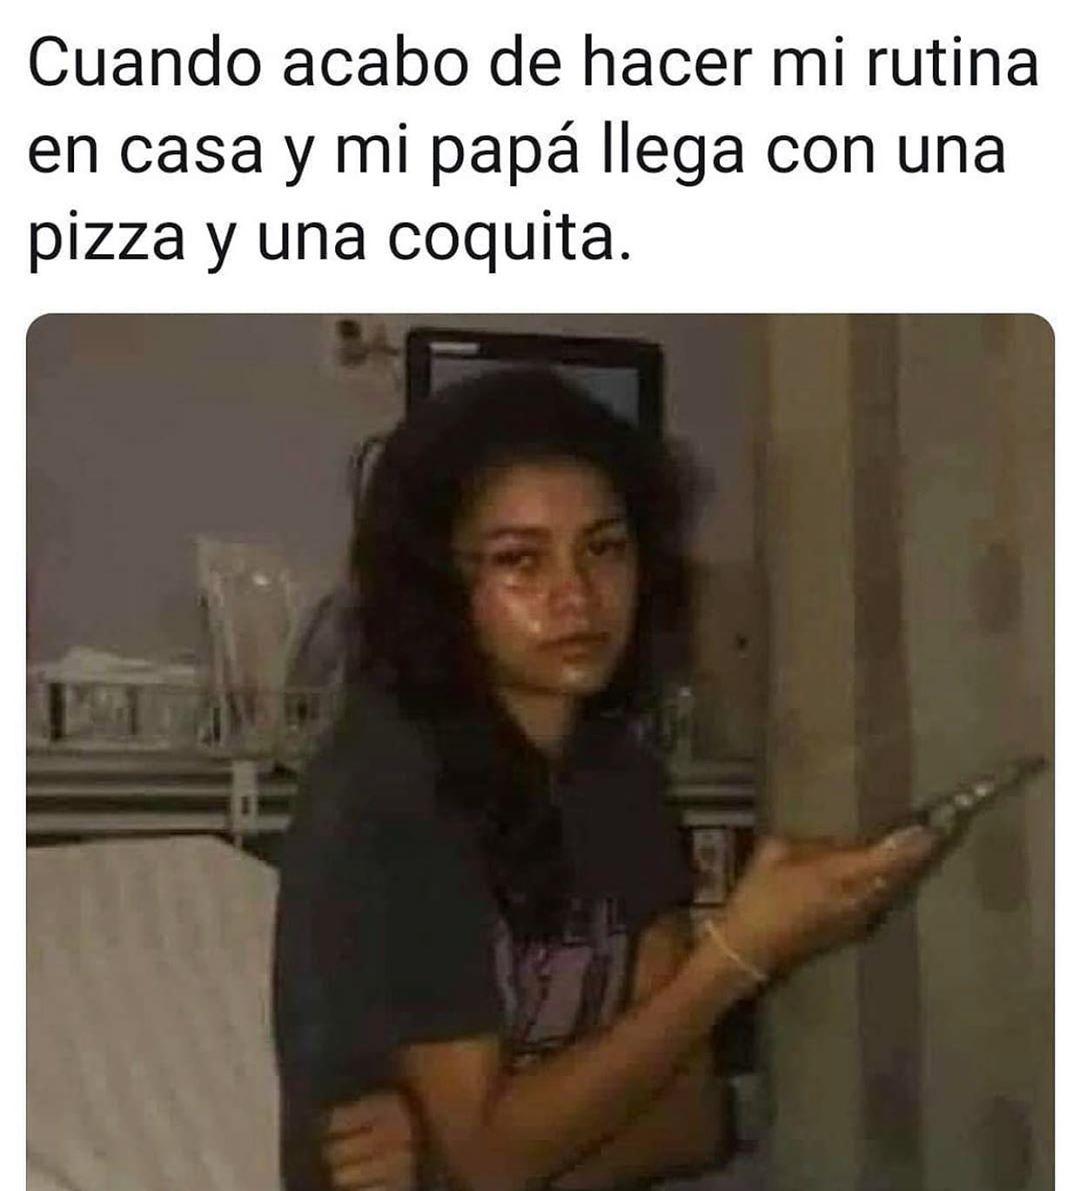 Cuando acabo de hacer mi rutina en casa y mi papá llega con una pizza y una coquita.